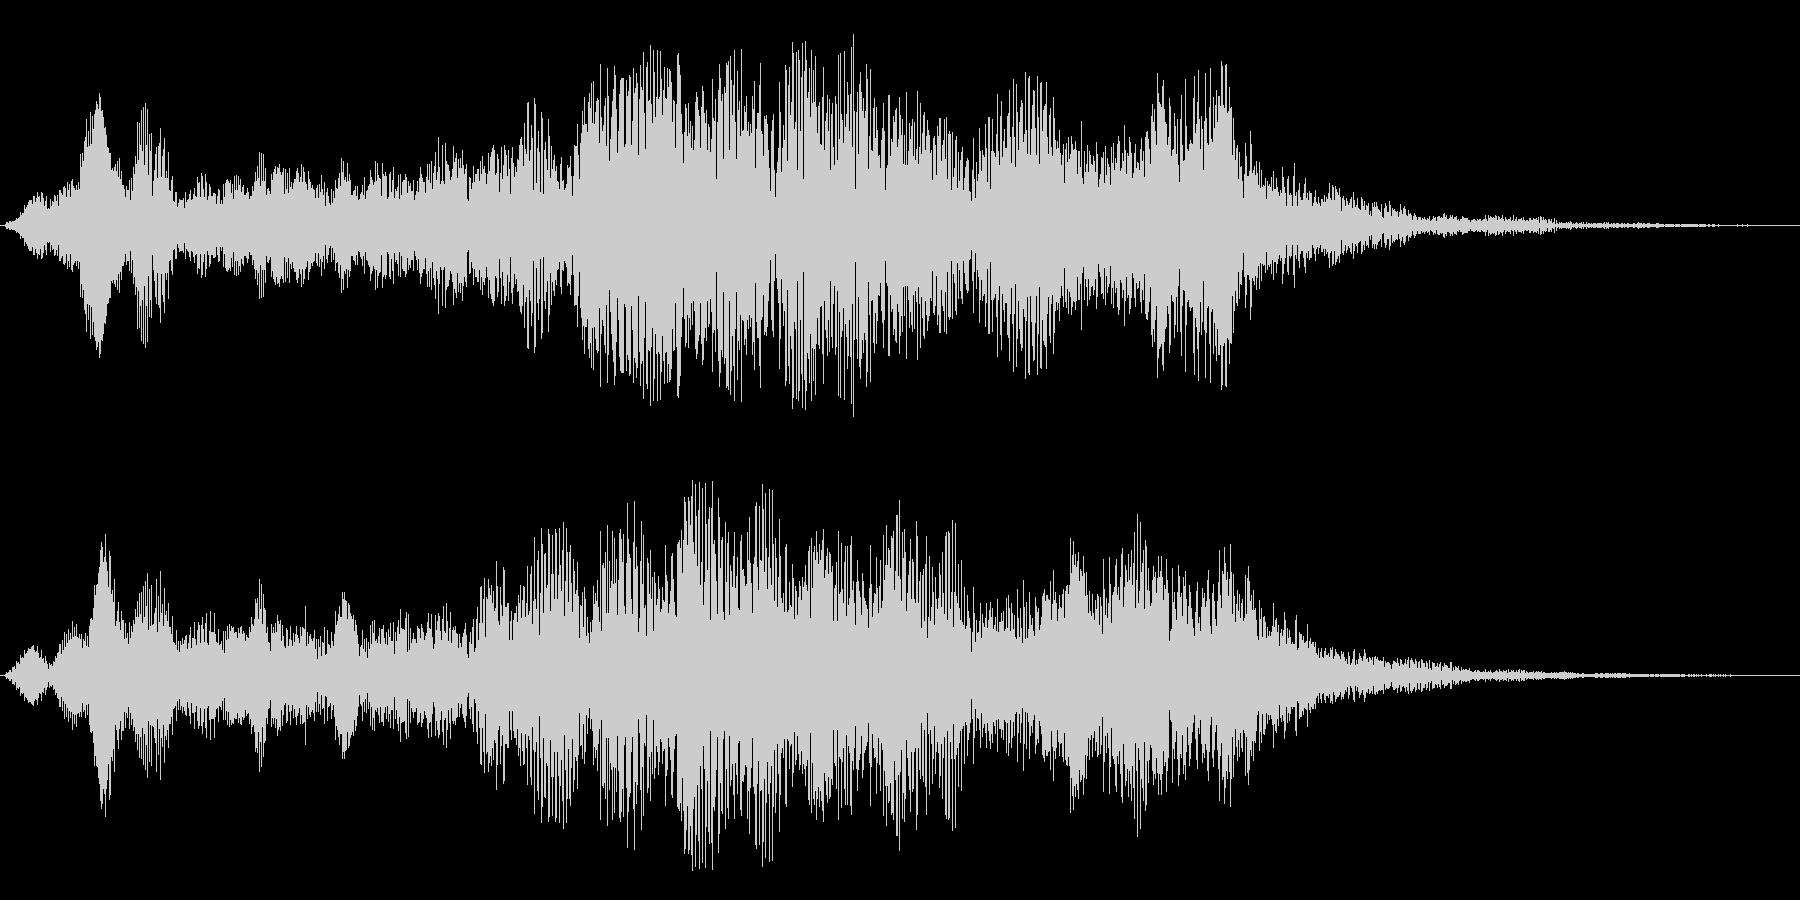 ヒューーン↑(ロケットの通過音)の未再生の波形